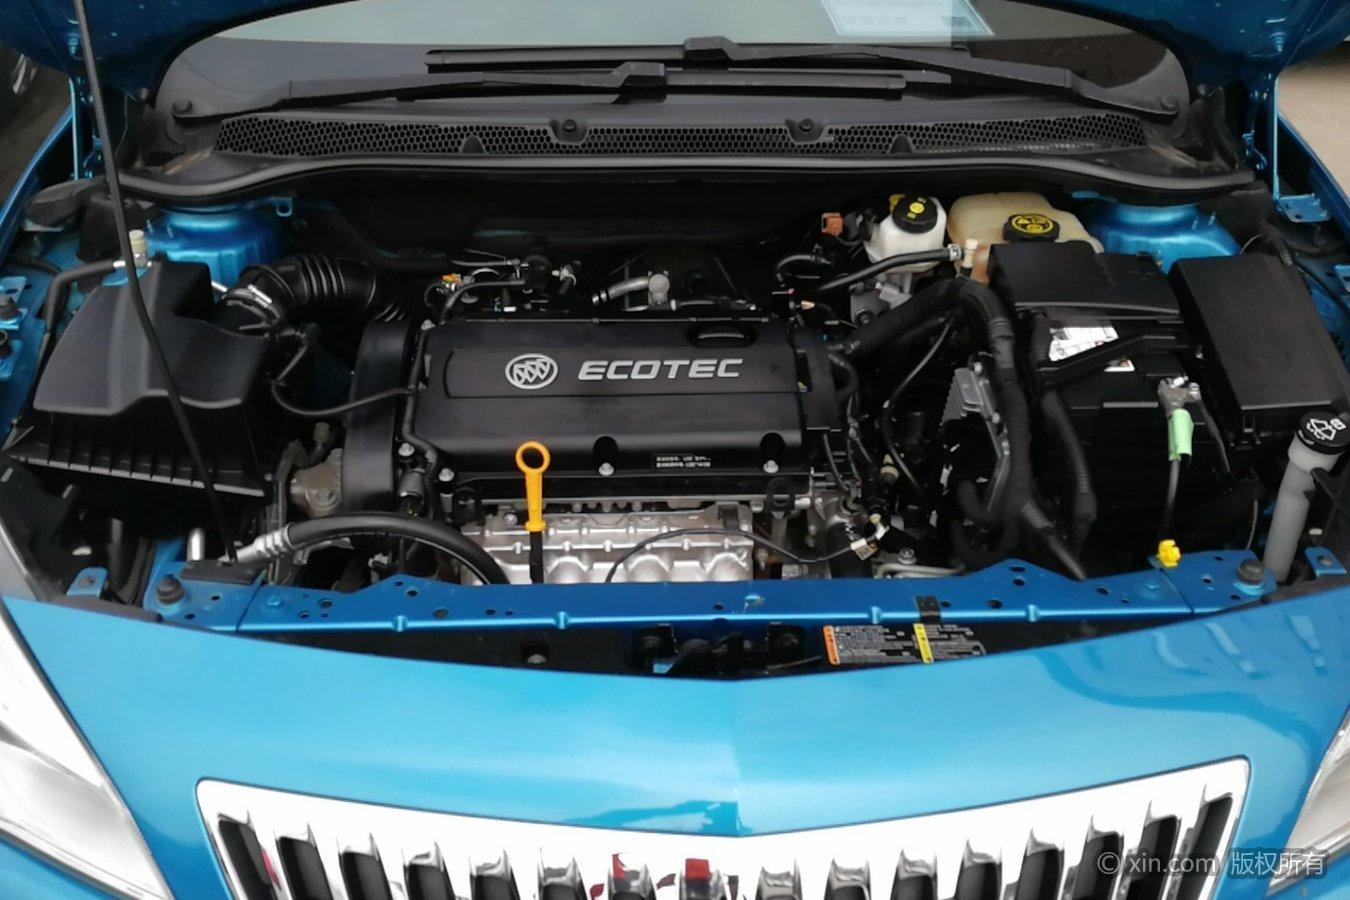 2014英朗xt和2015英朗gt发动机 图片合集